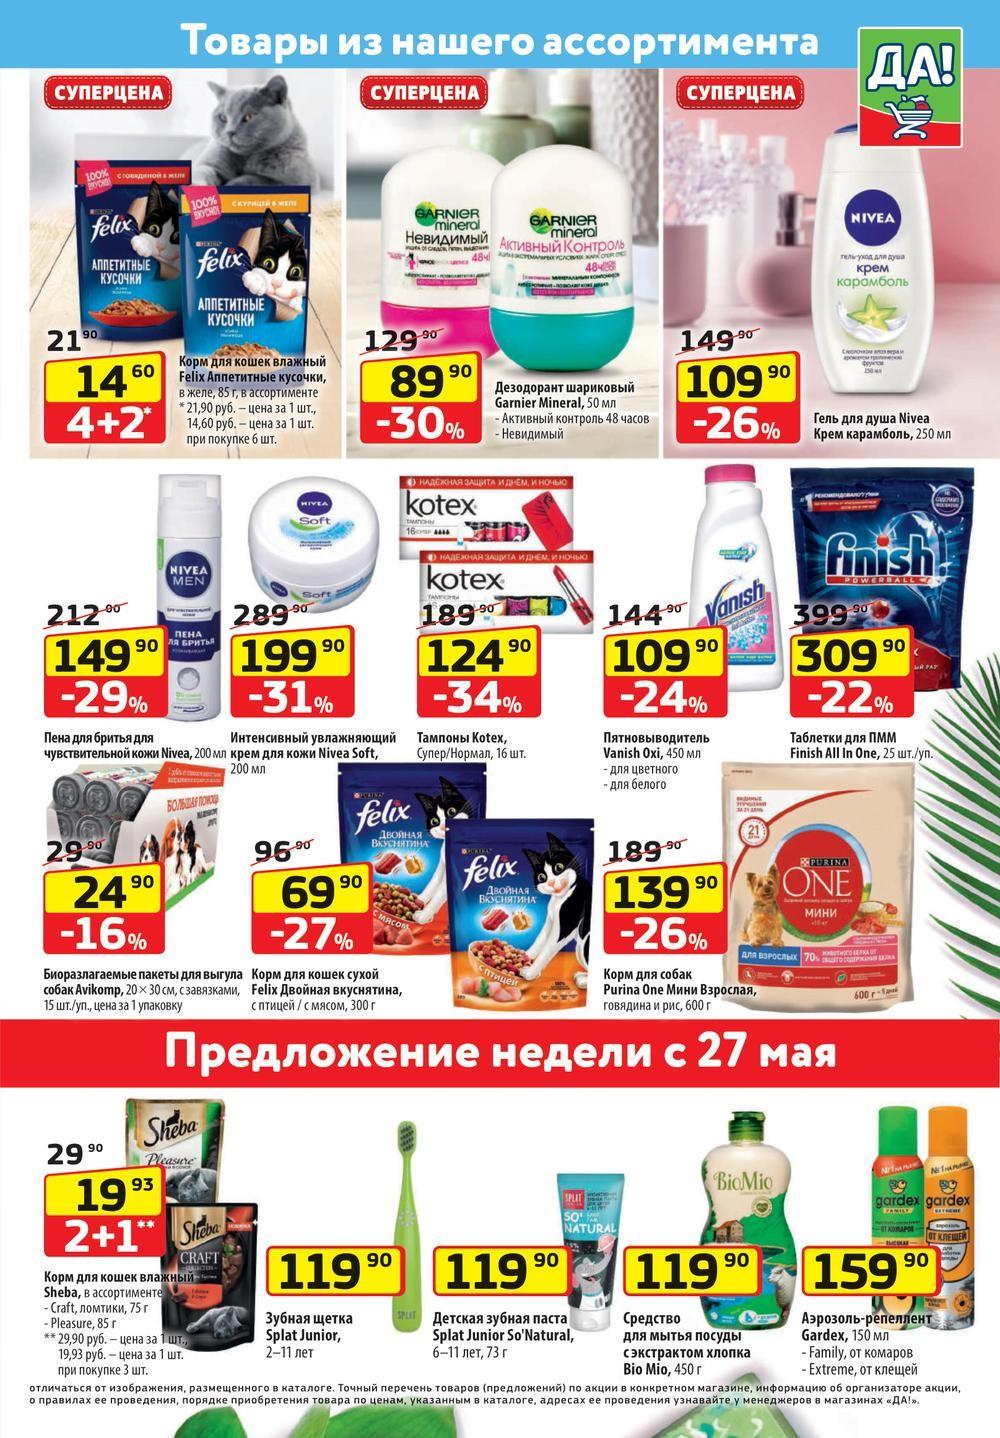 Новый каталог акций в Да! г. Москва